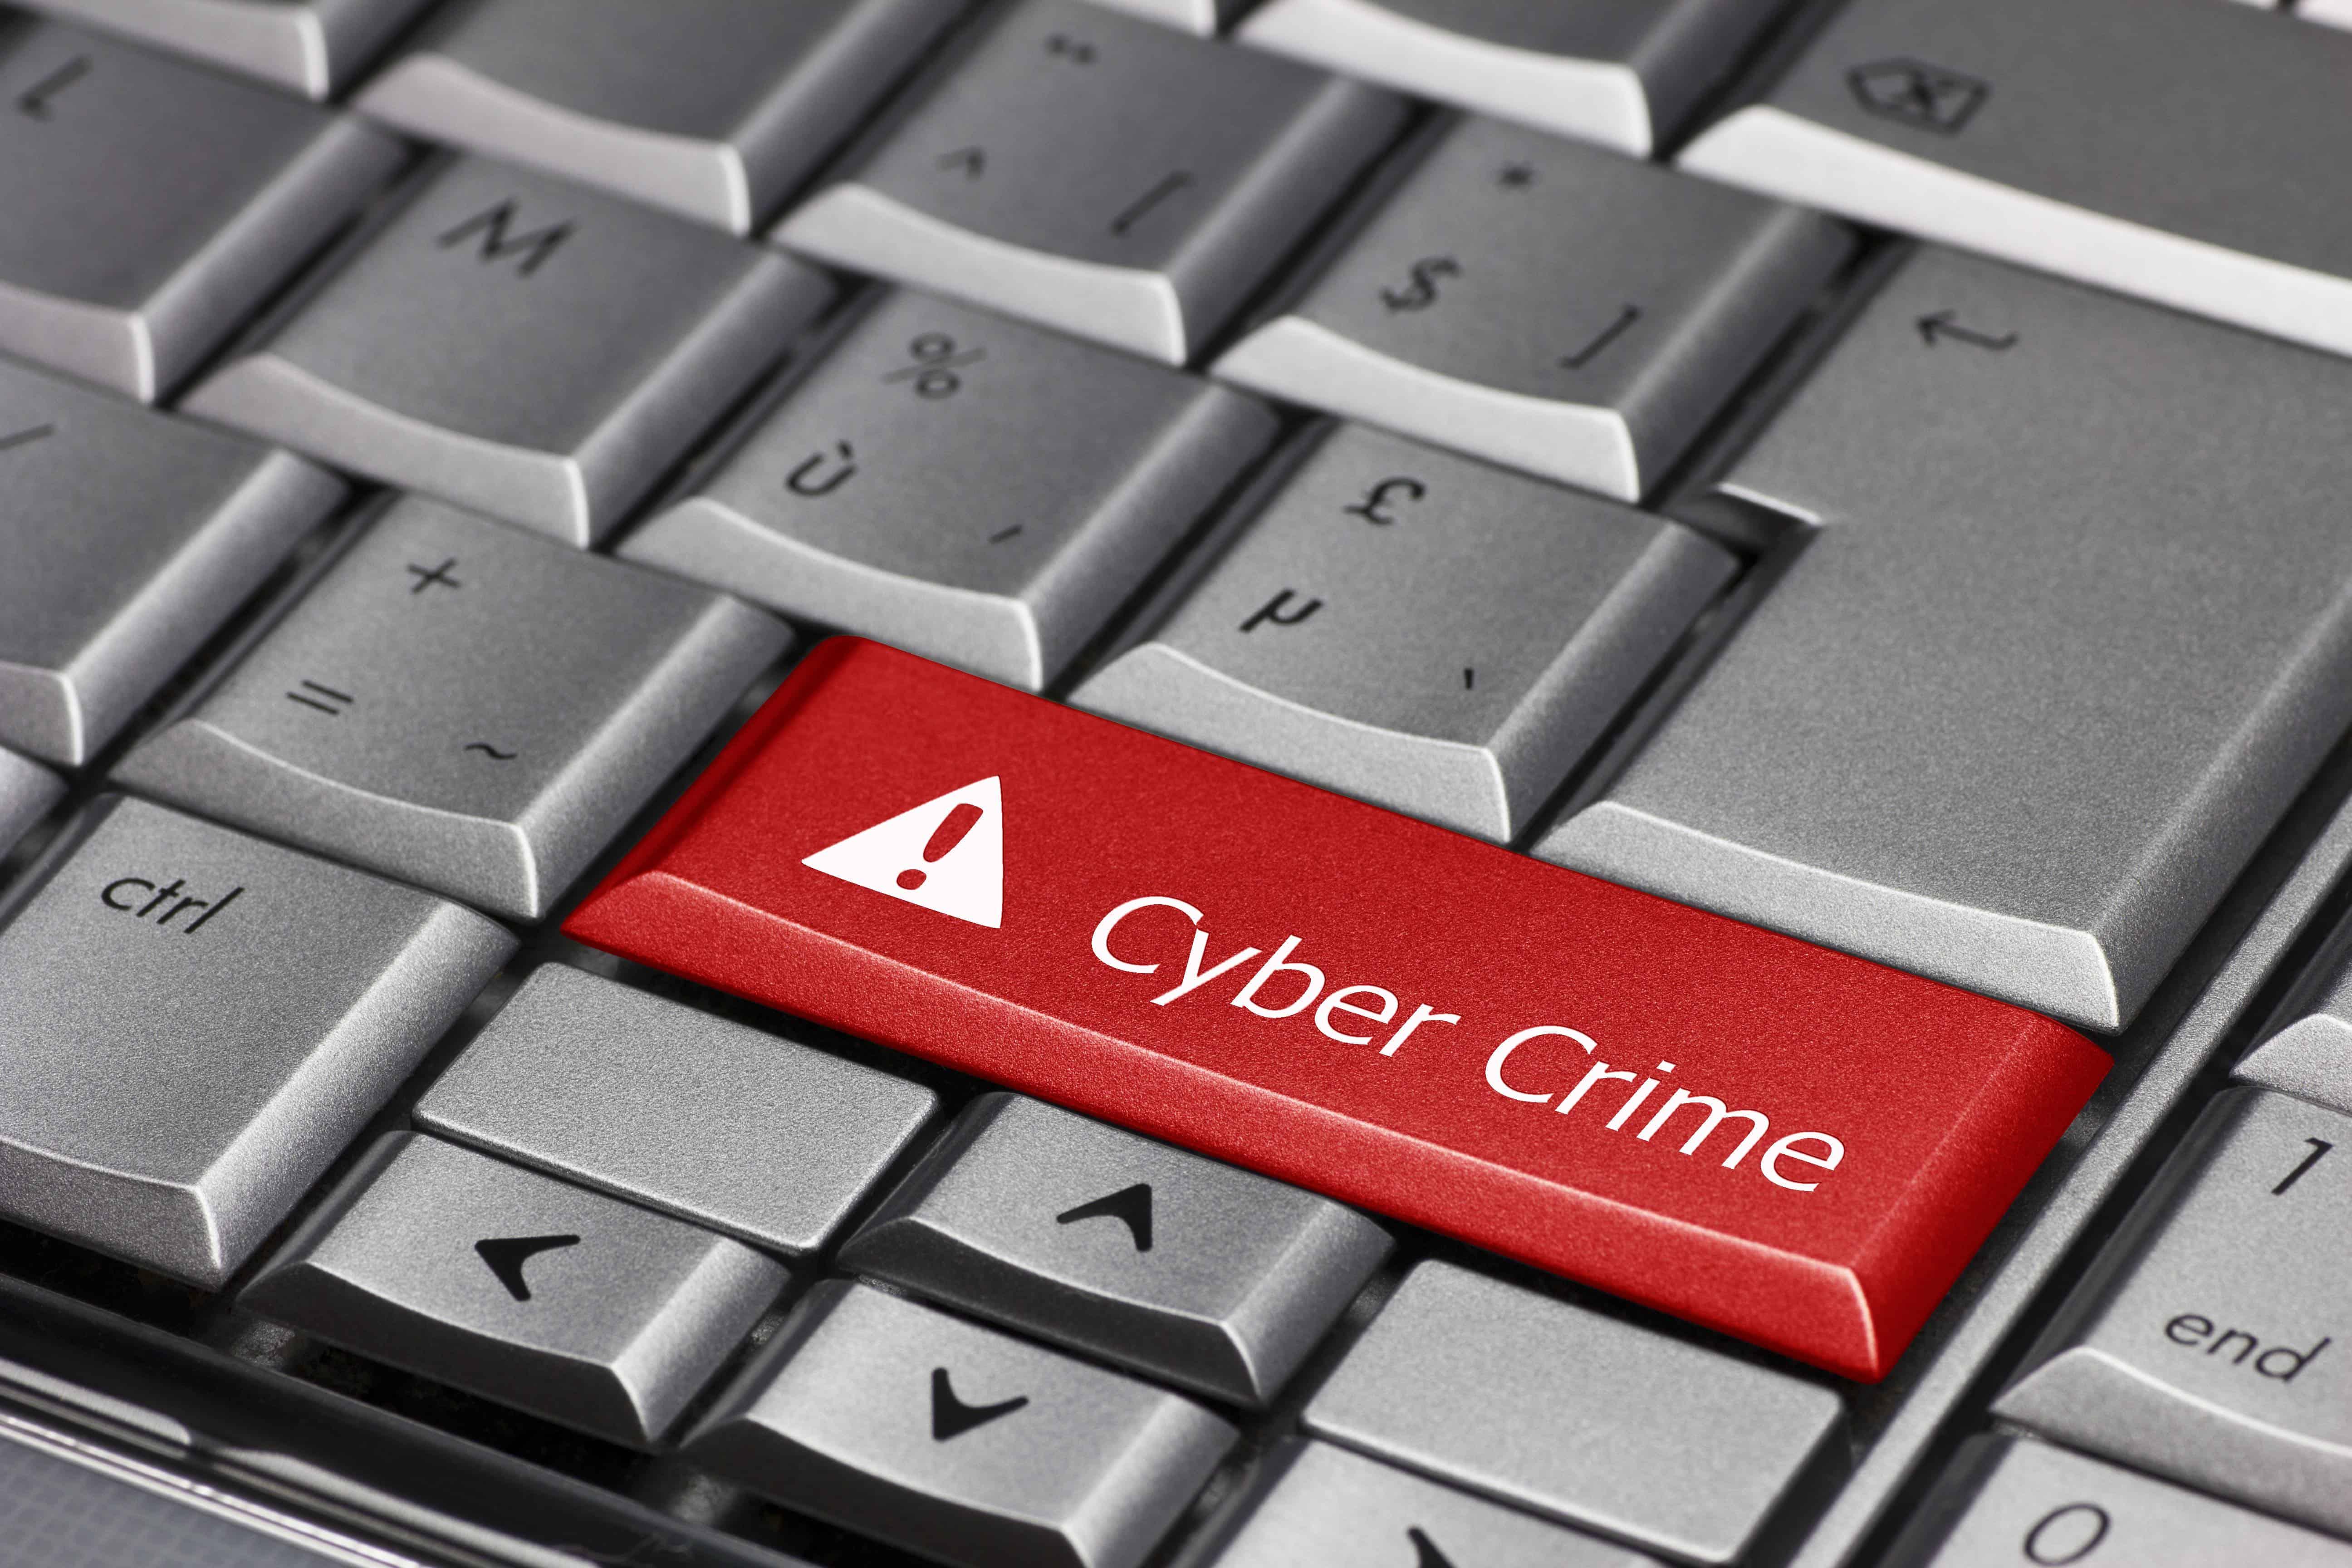 Kamerasysteme werden immer häufiger Ziel von Cyberkriminellen